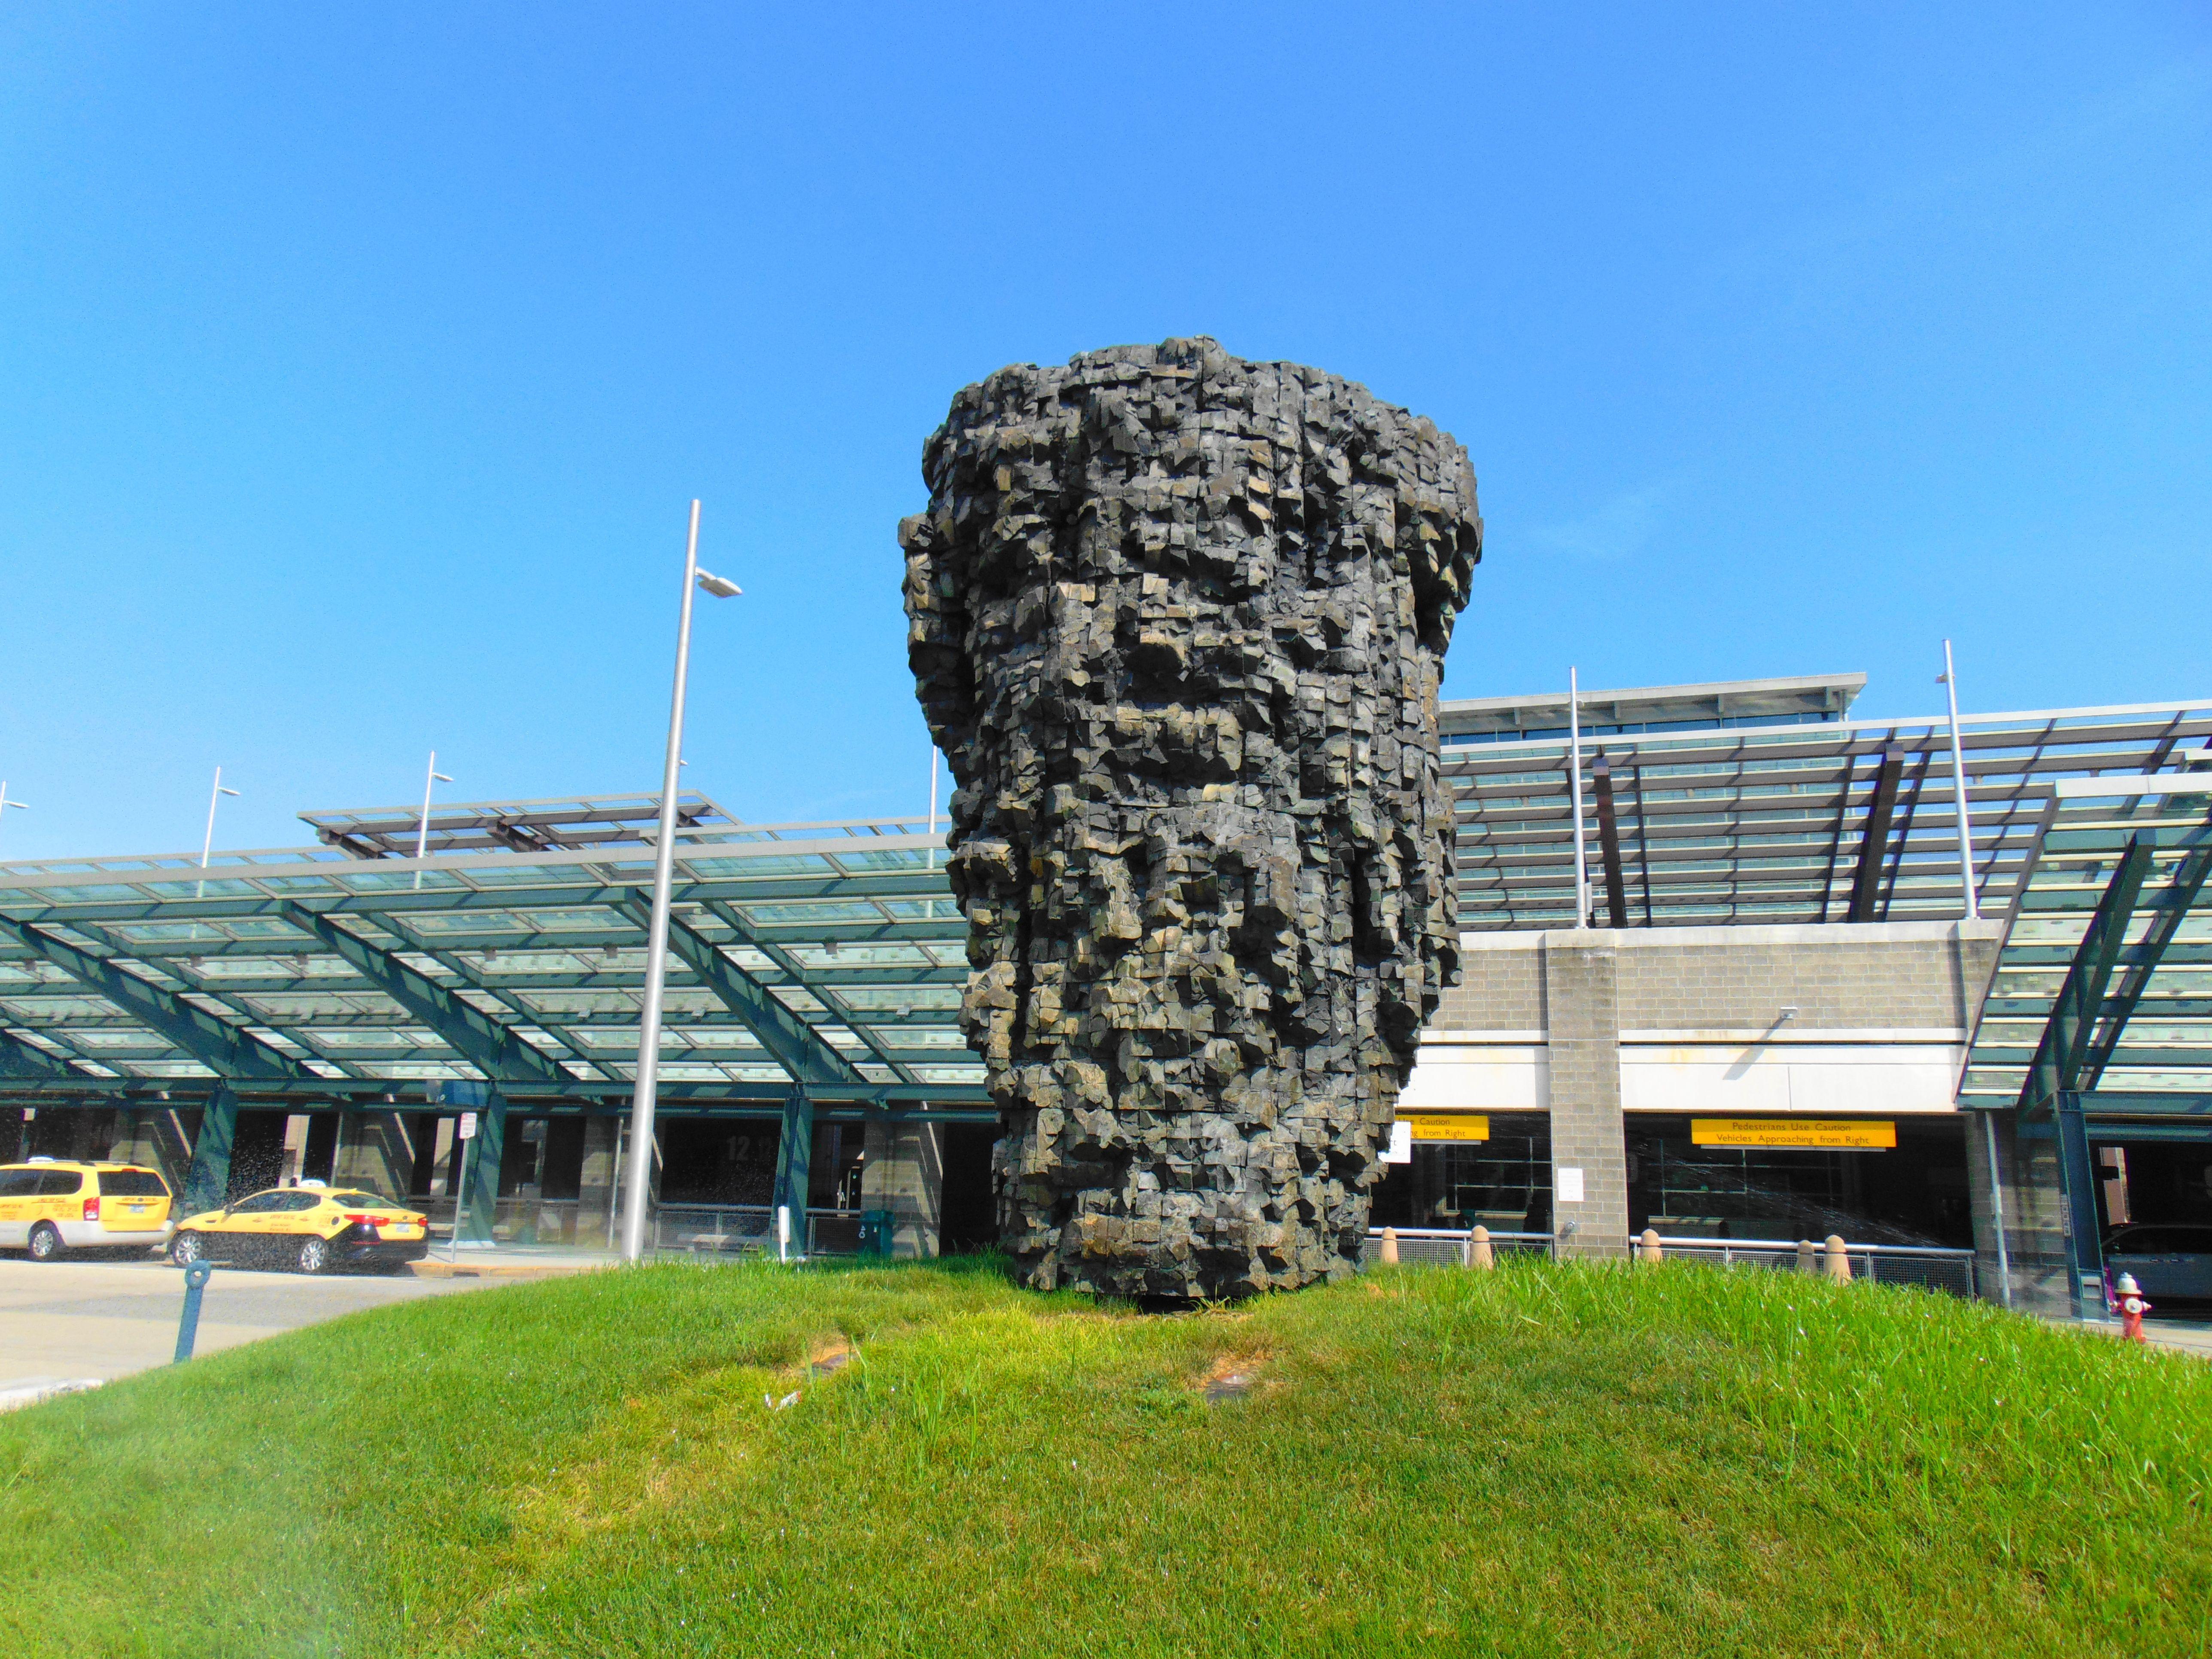 Sculpture outside T.F. Green Airport in Warwick, Rhode Island